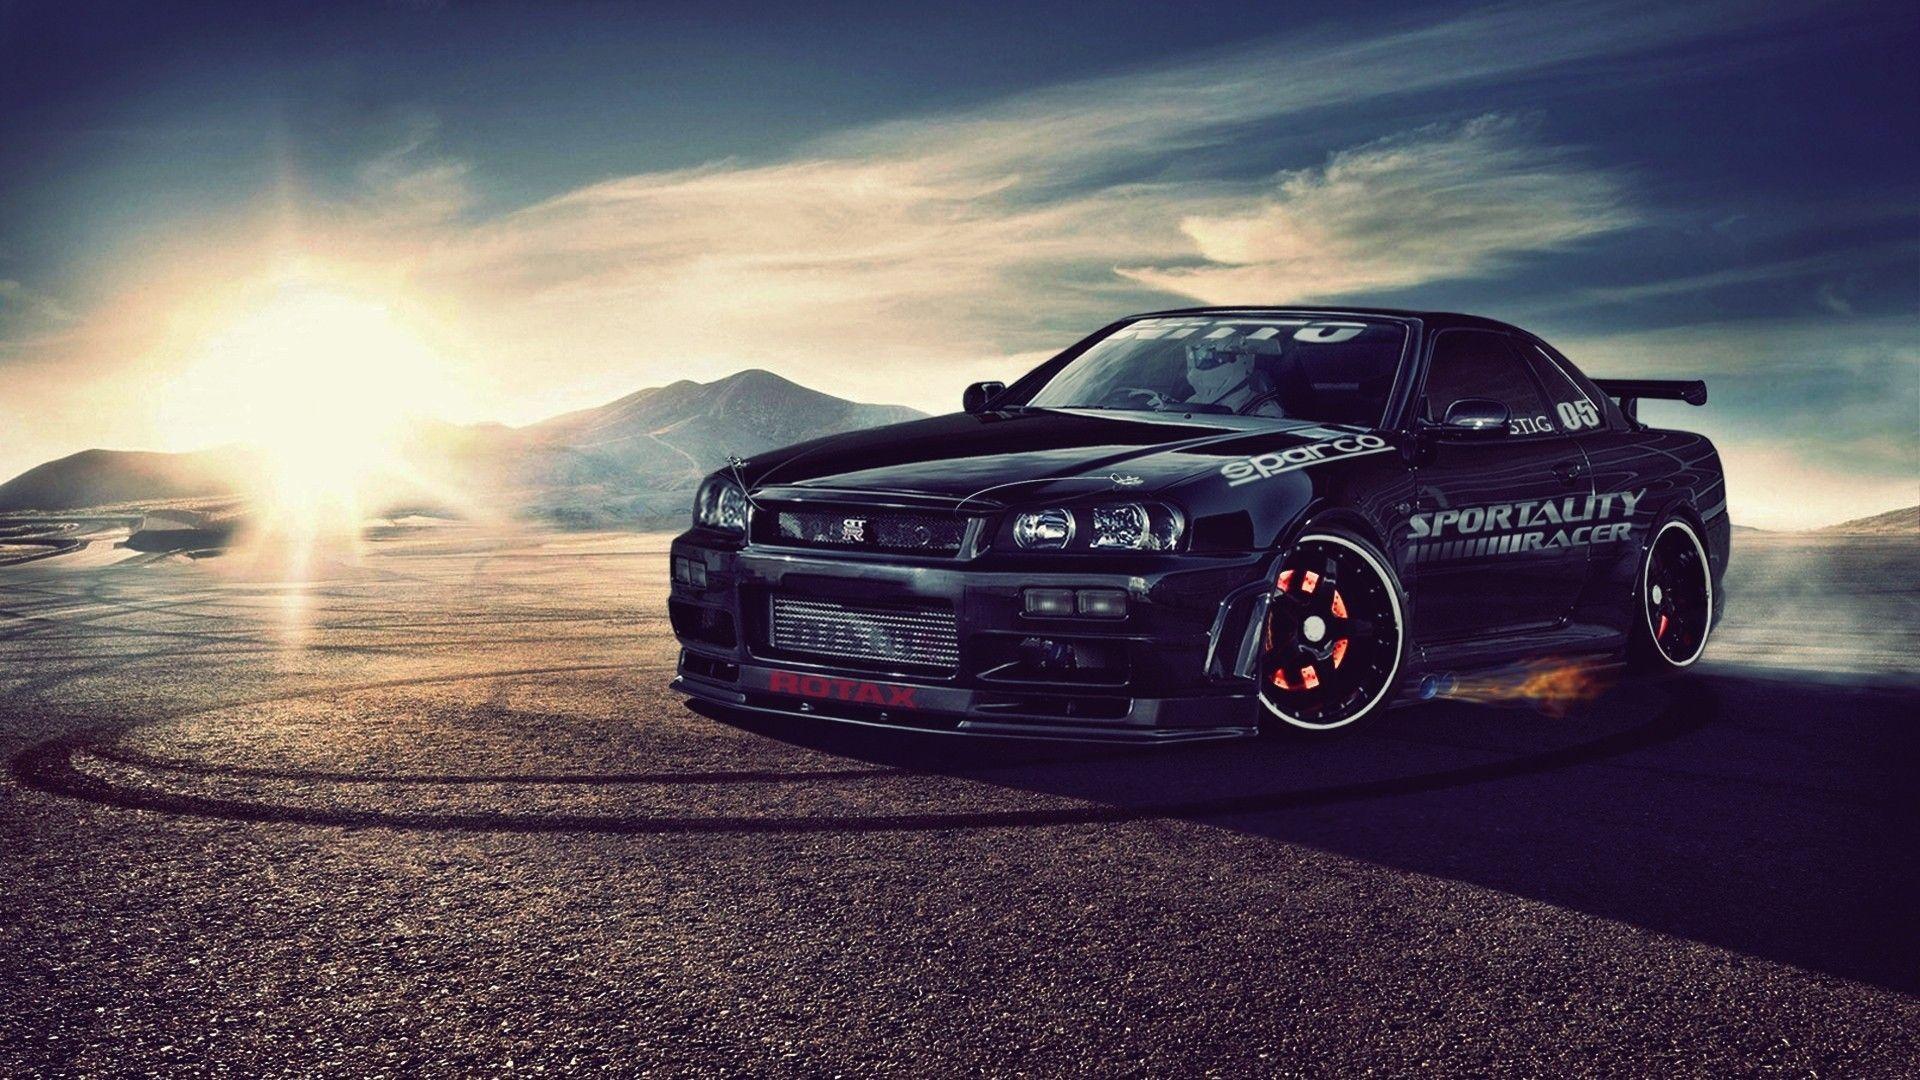 cars Drift Nissan Nissan Skyline GTR R34 / 3888x2592 ... |Nissan Skyline Drift Wallpaper